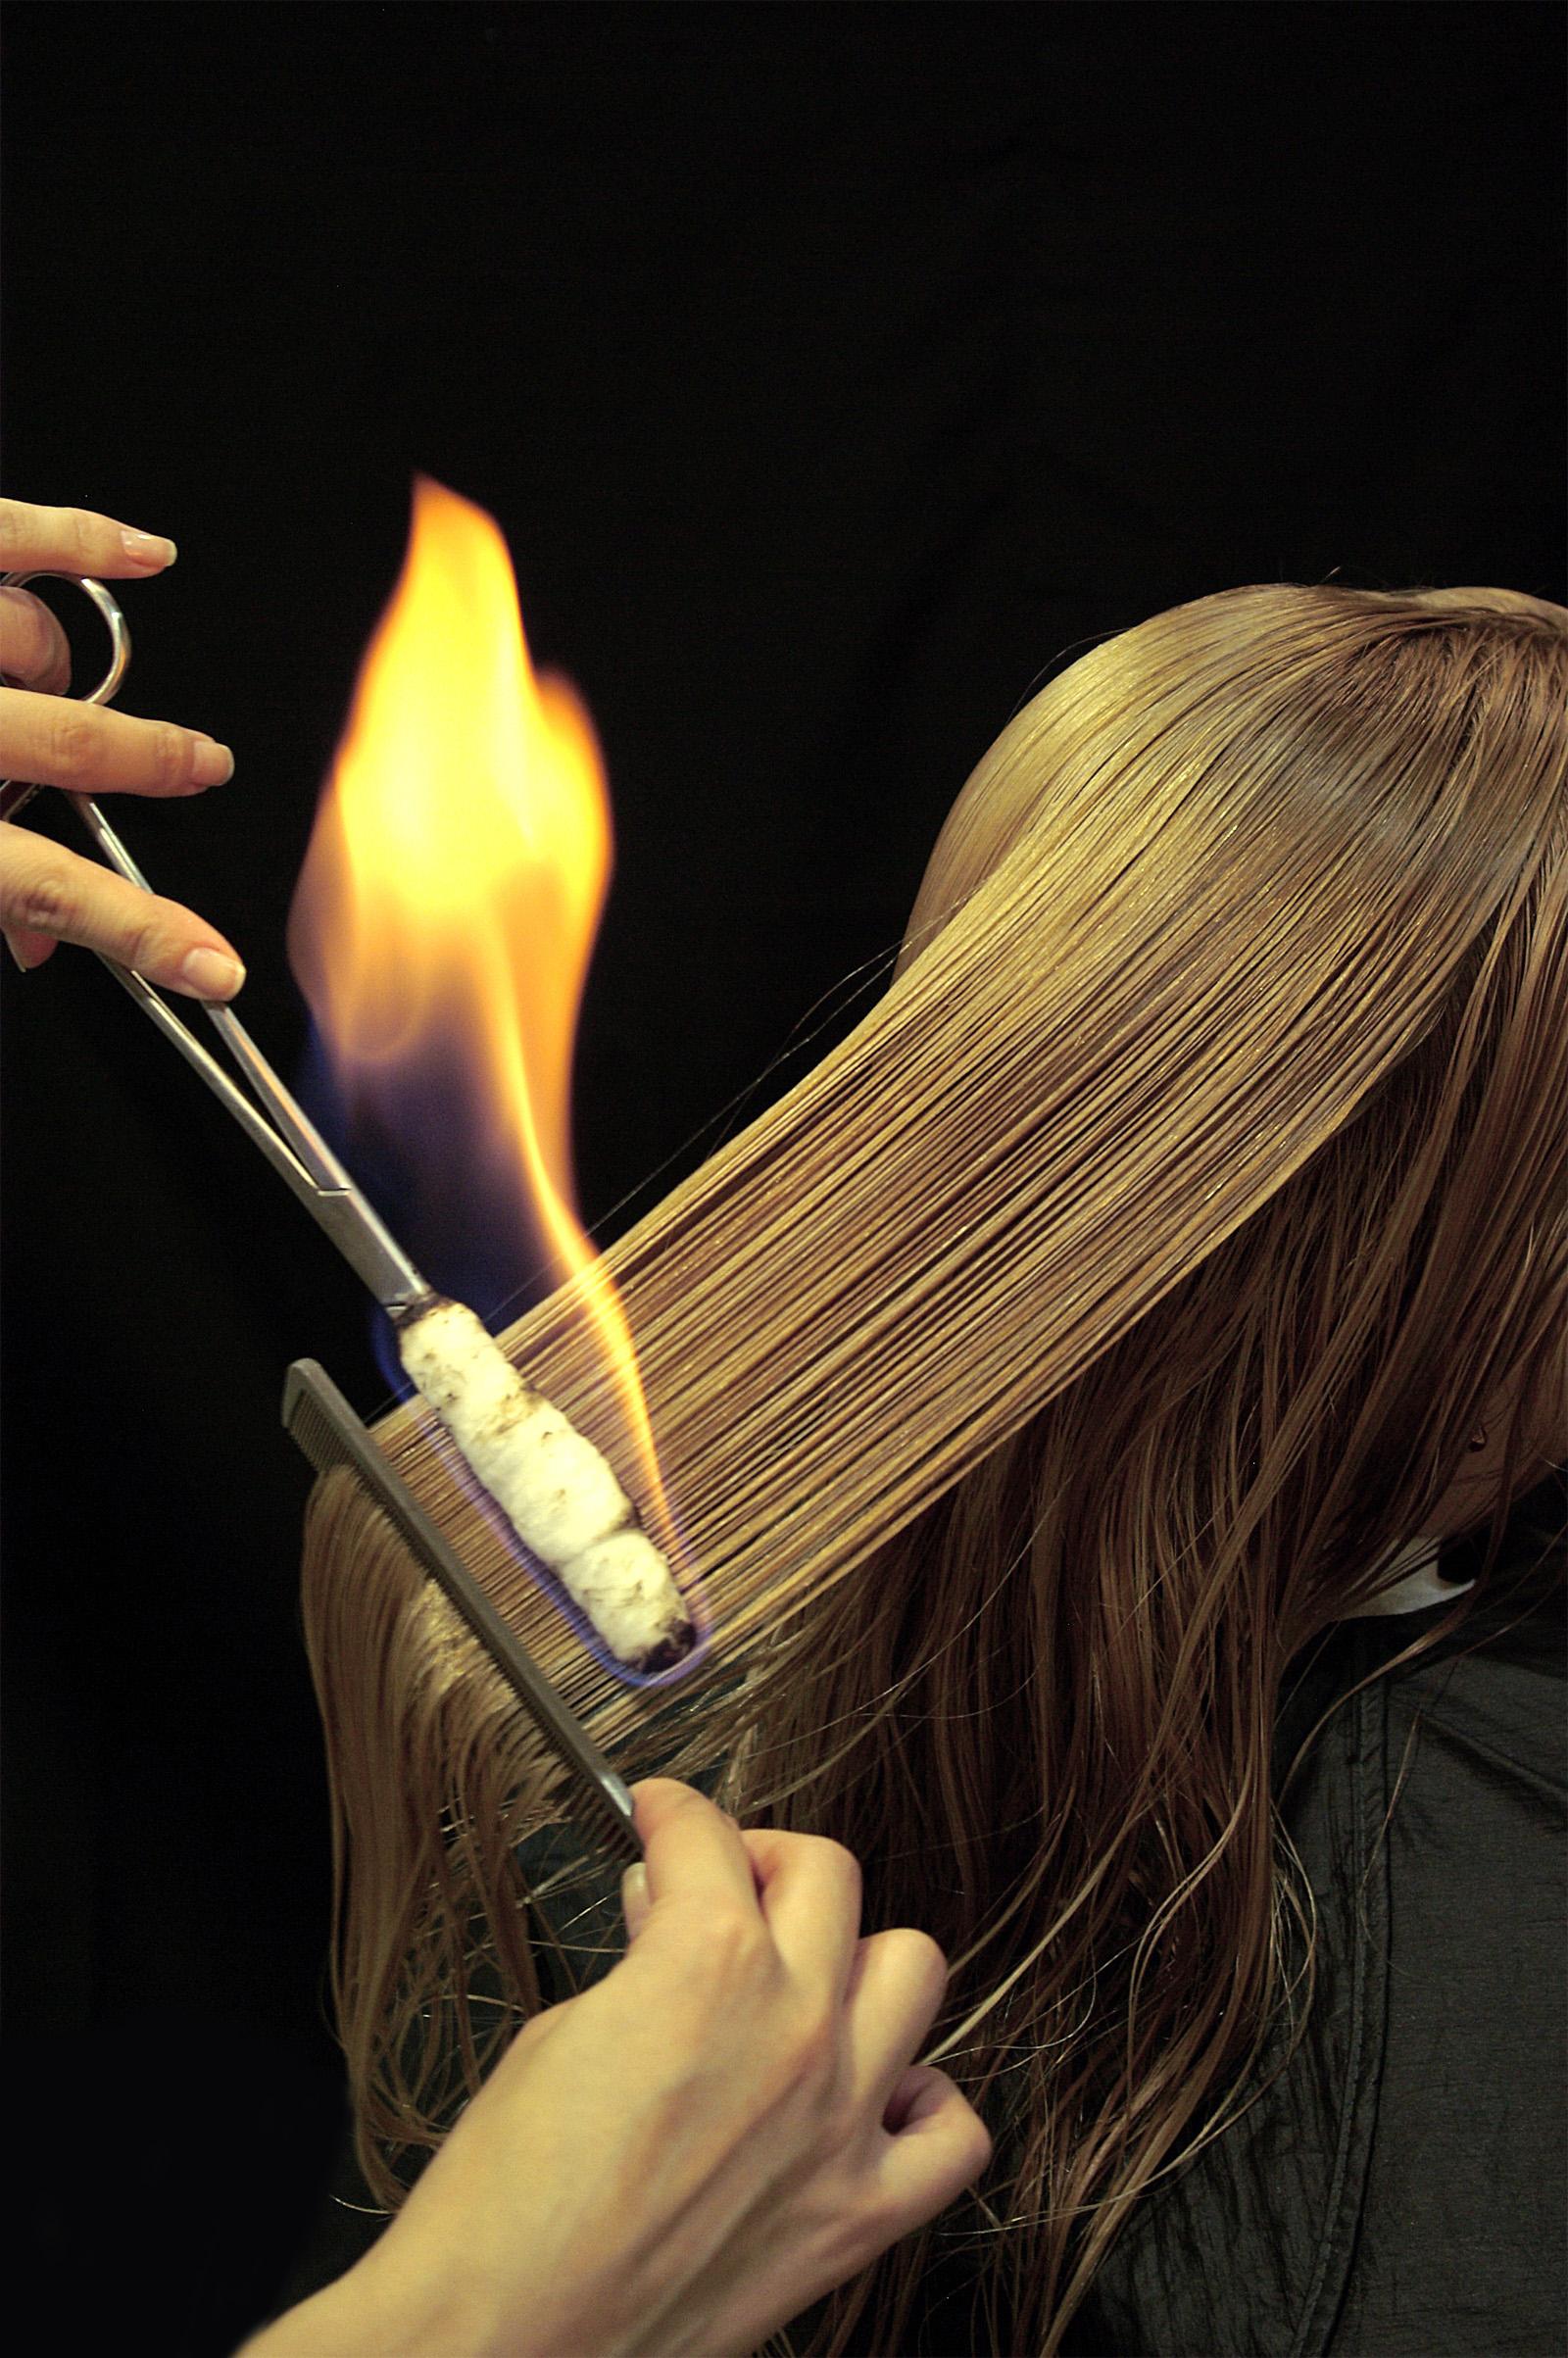 Cтрижка огнем - fire show для красоты ваших волос Обжиг волос огнем в домашних условиях